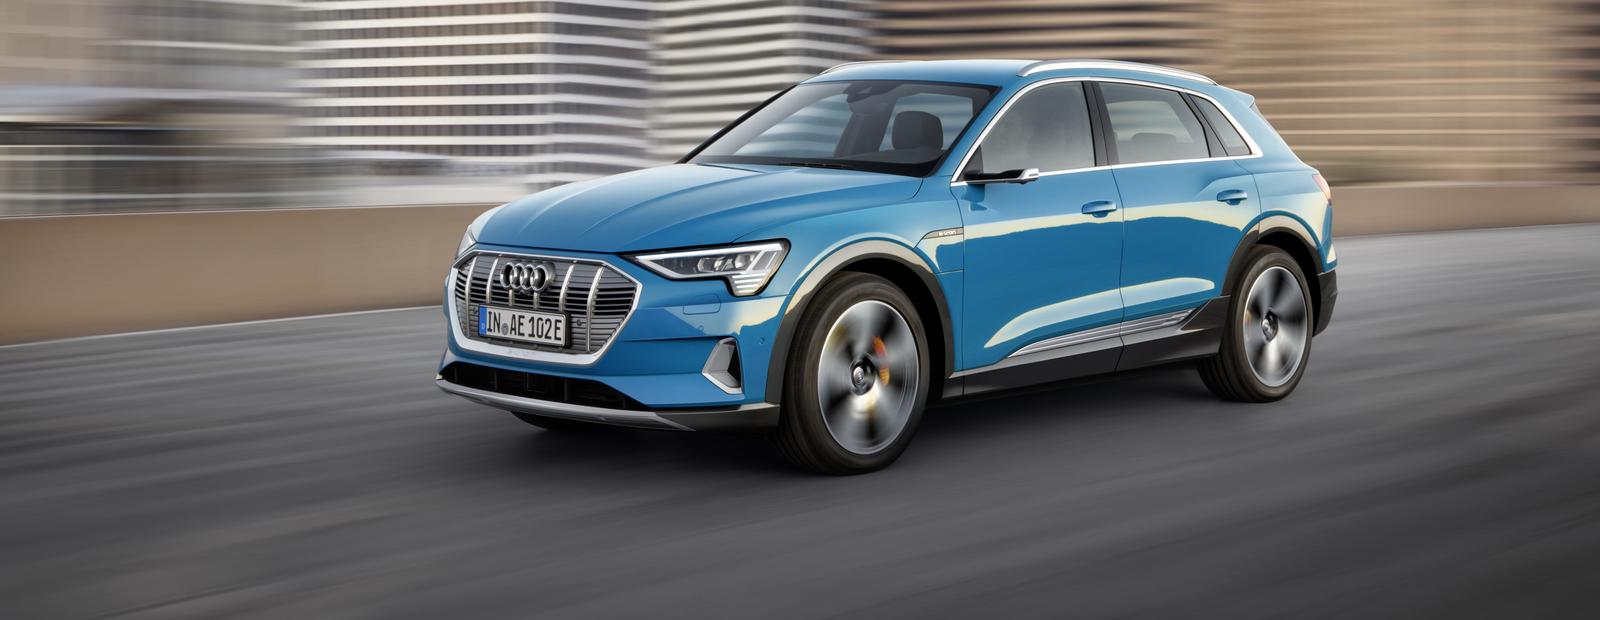 Audi показала свой первый электрокроссовер (у него камеры вместо зеркал)